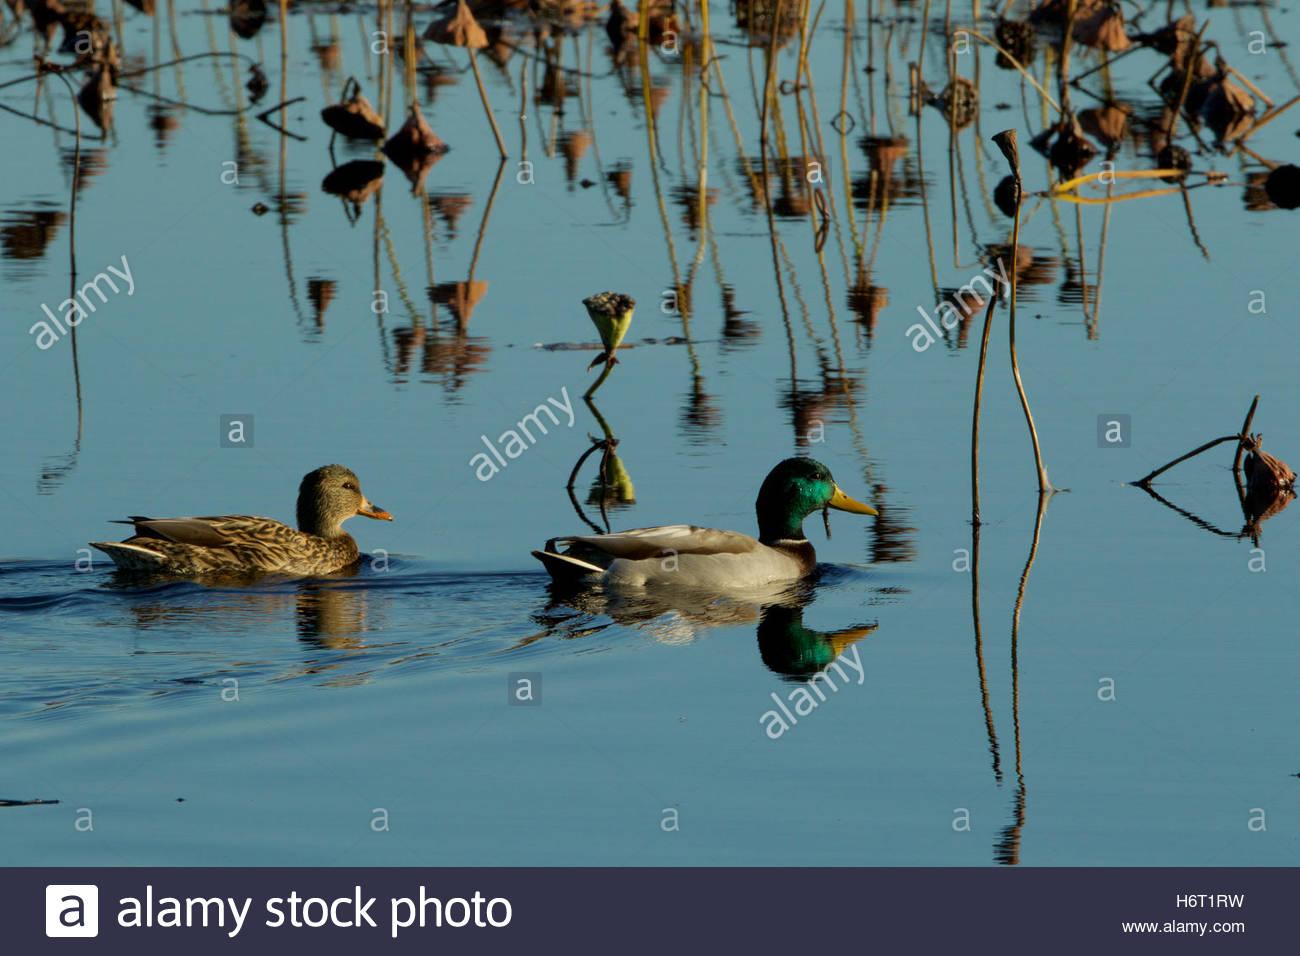 Le anatre bastarde, un maschio e femmina coppia, nuotare in acqua. Immagini Stock